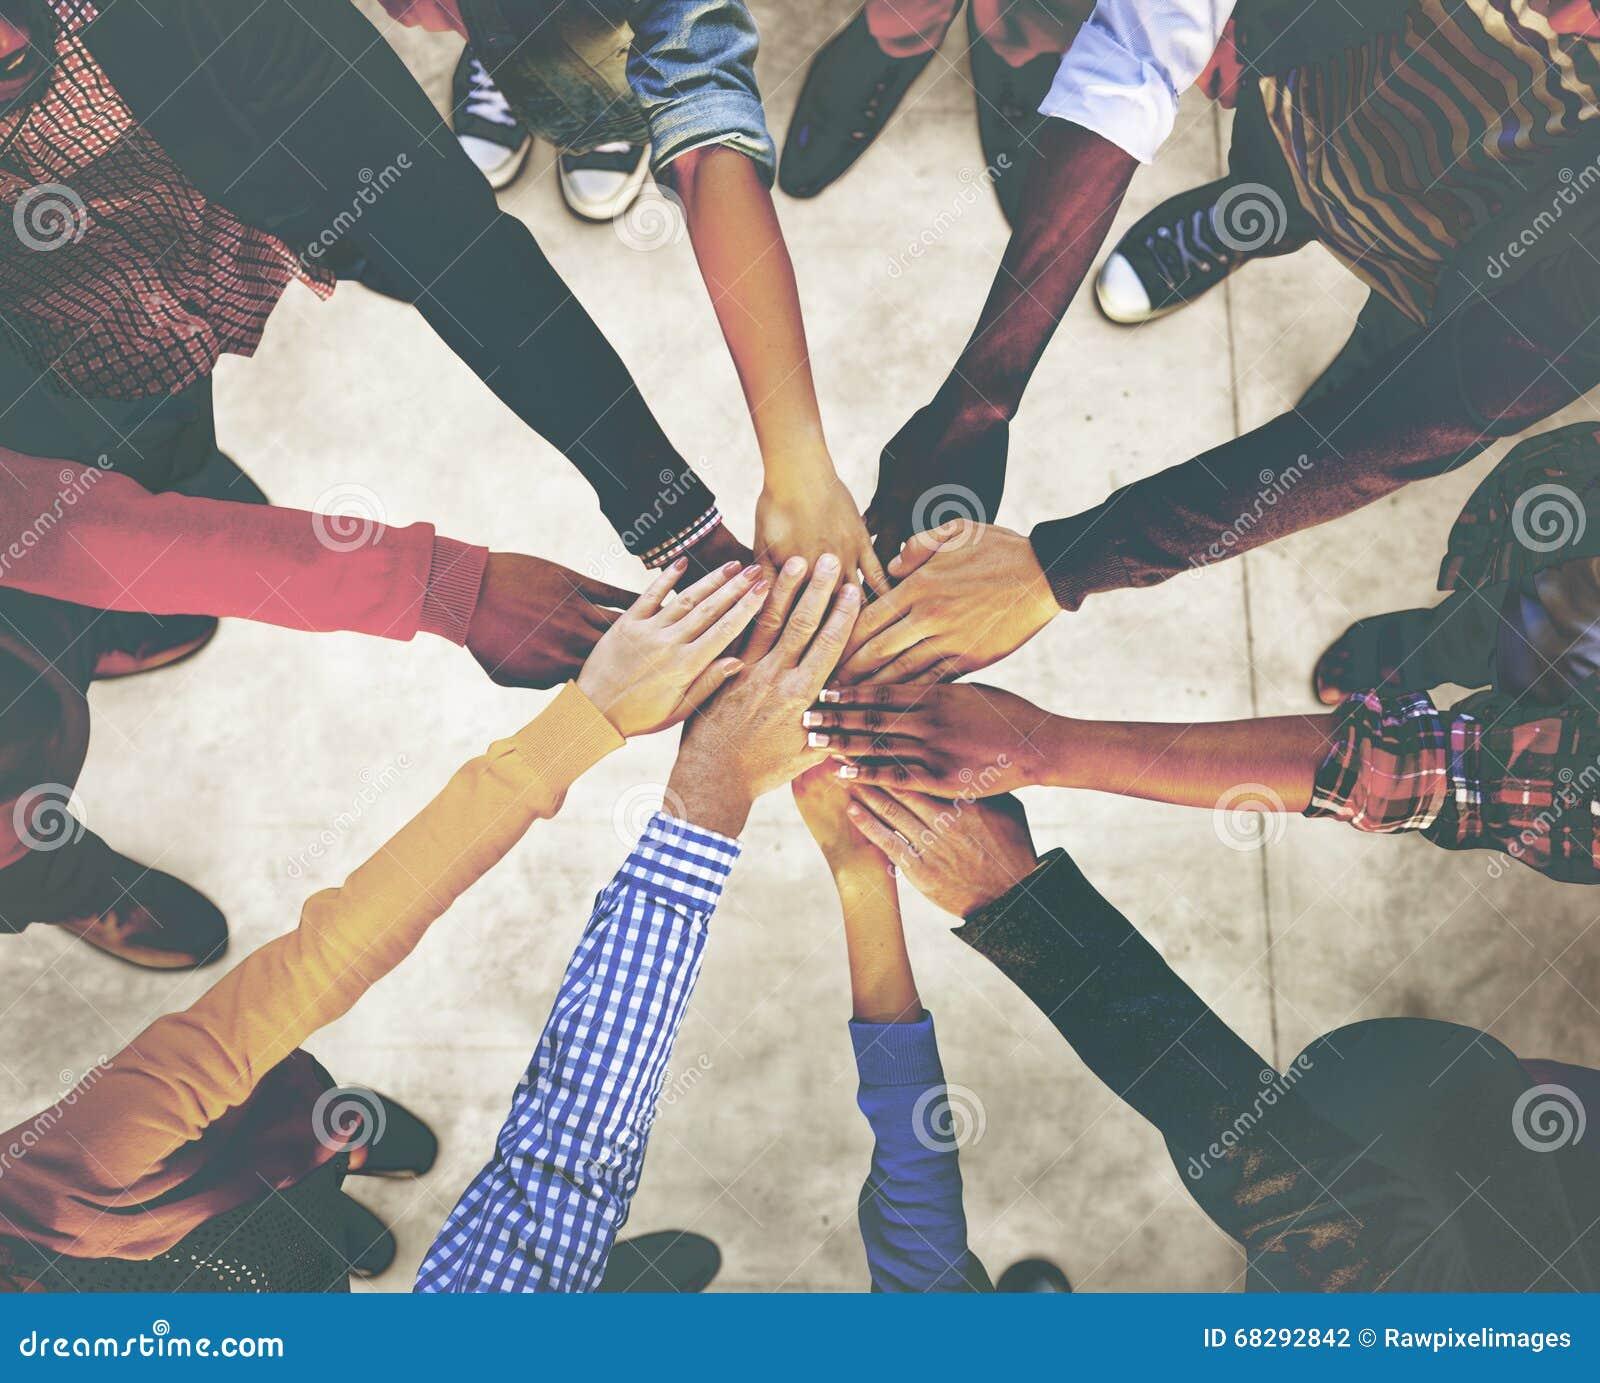 Unità etnica Team Concept di variazione di etnia di diversa diversità